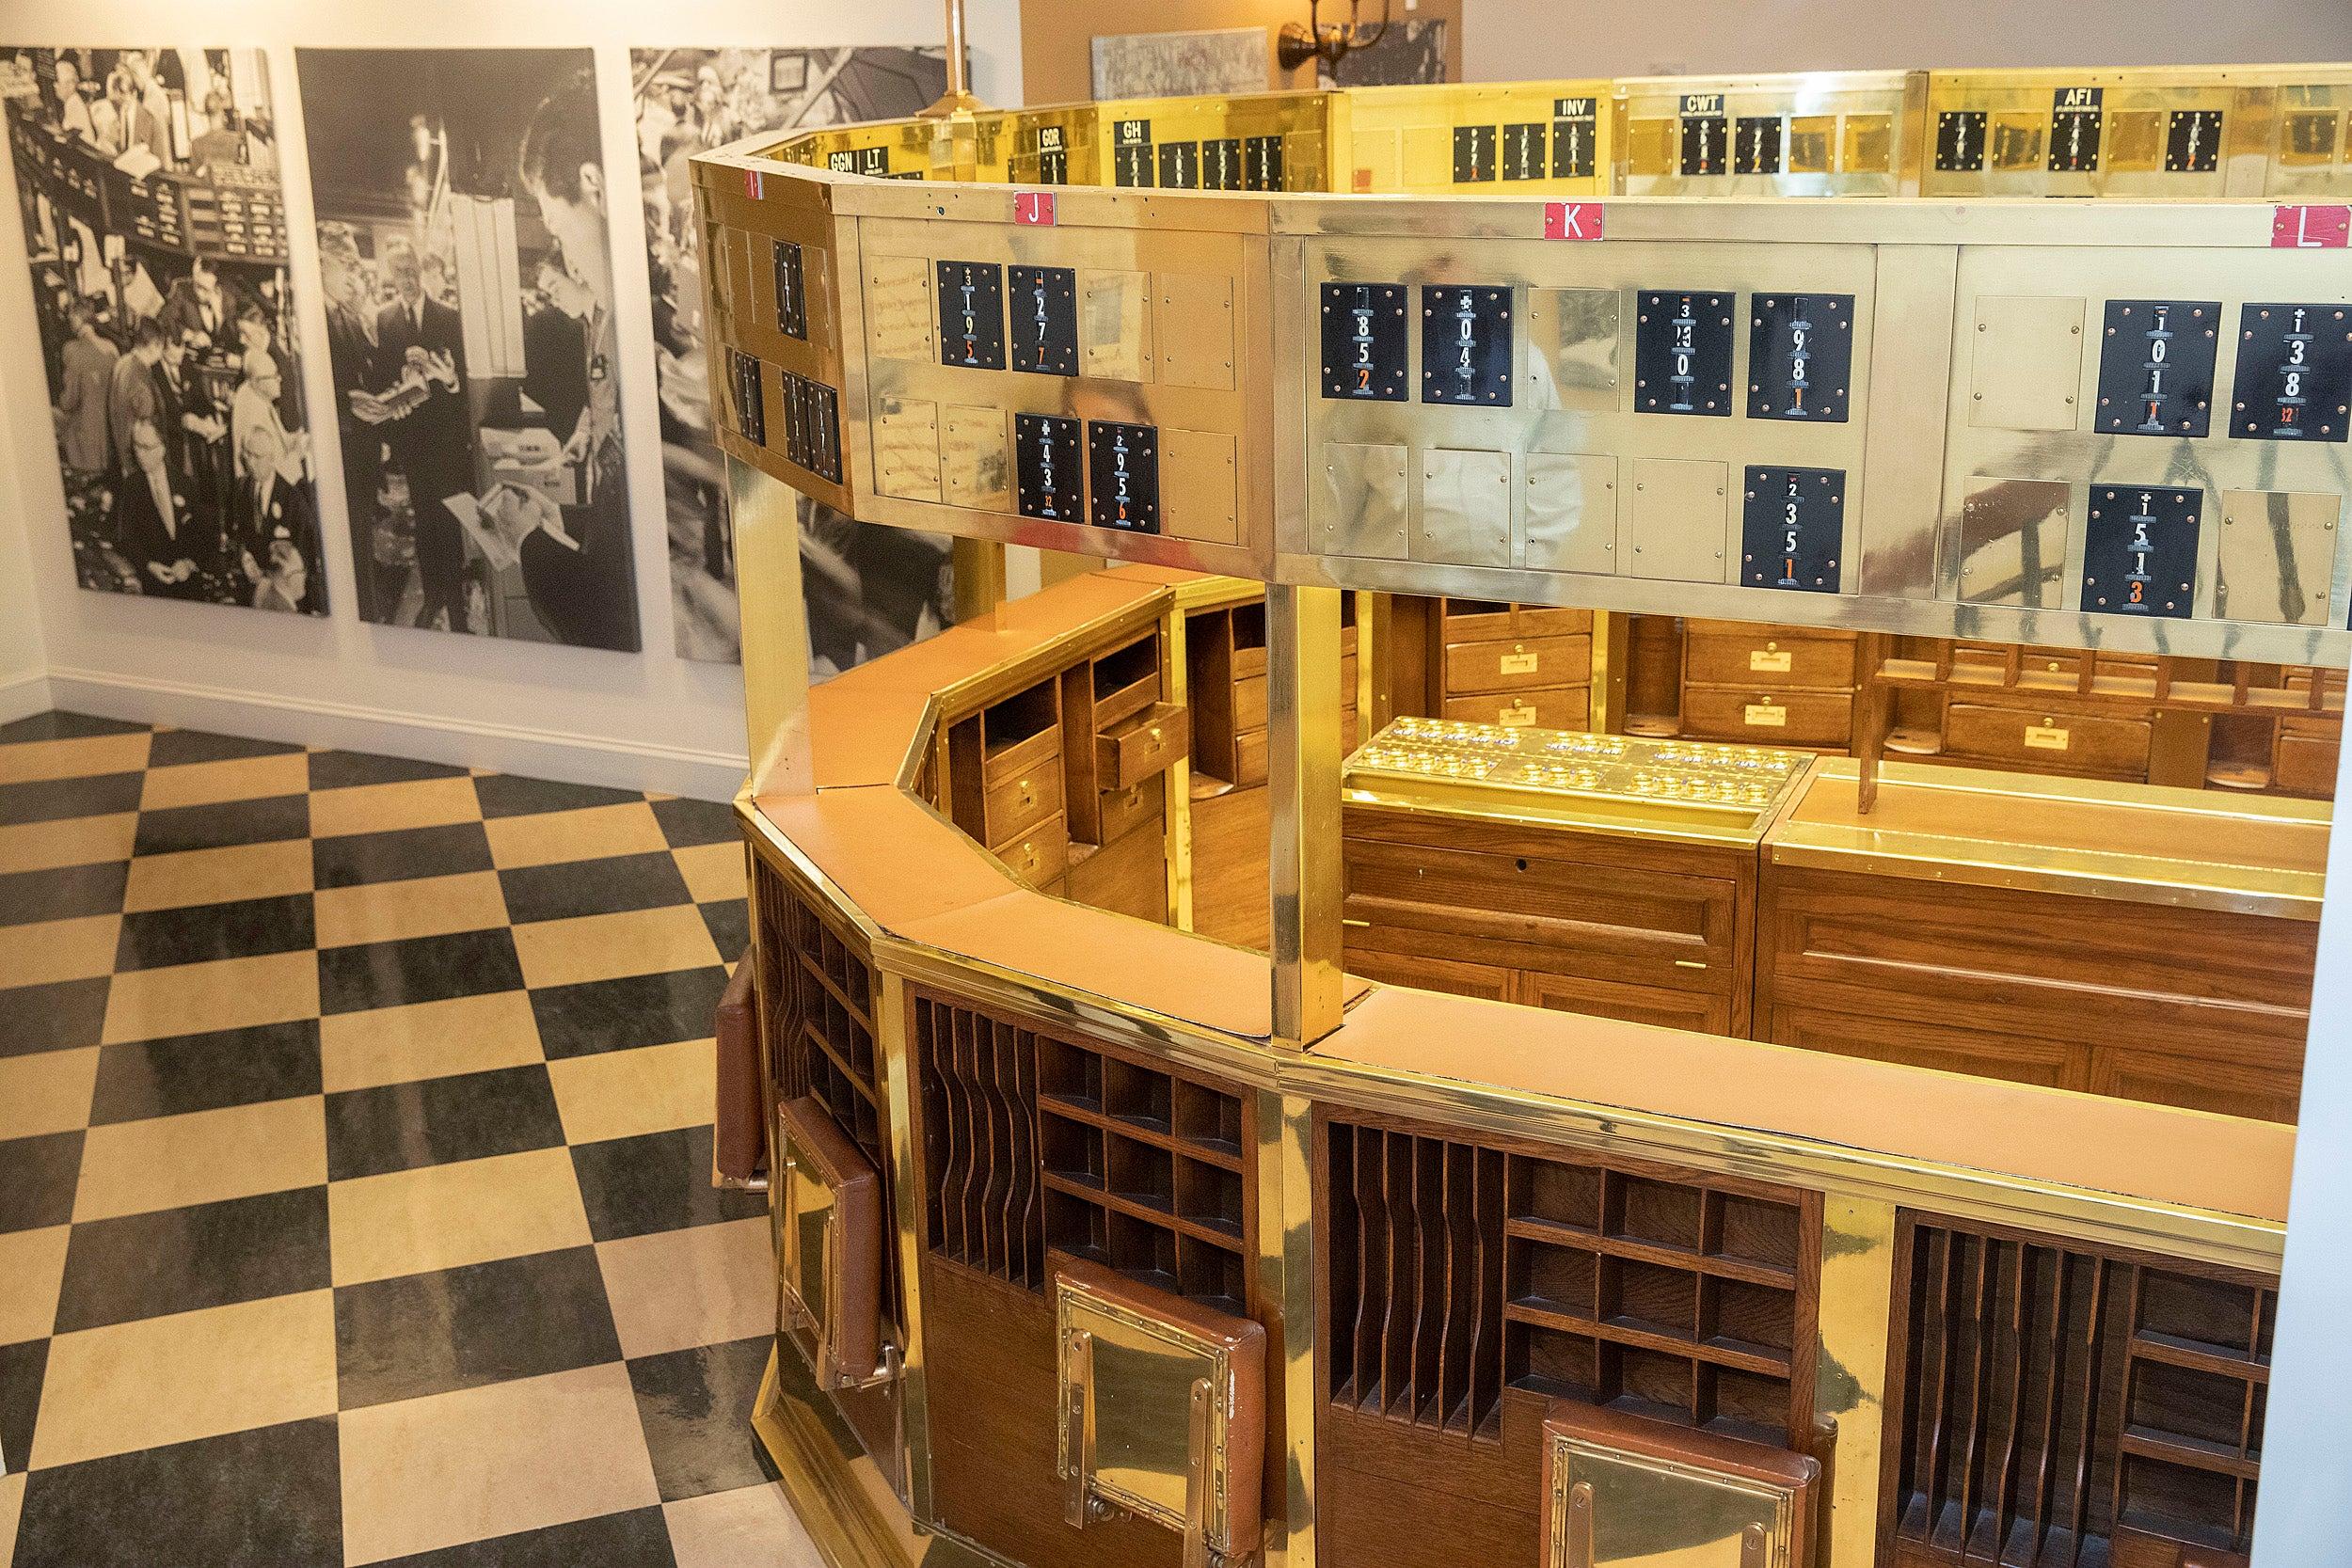 Harvard Business School Baker Library Exhibit